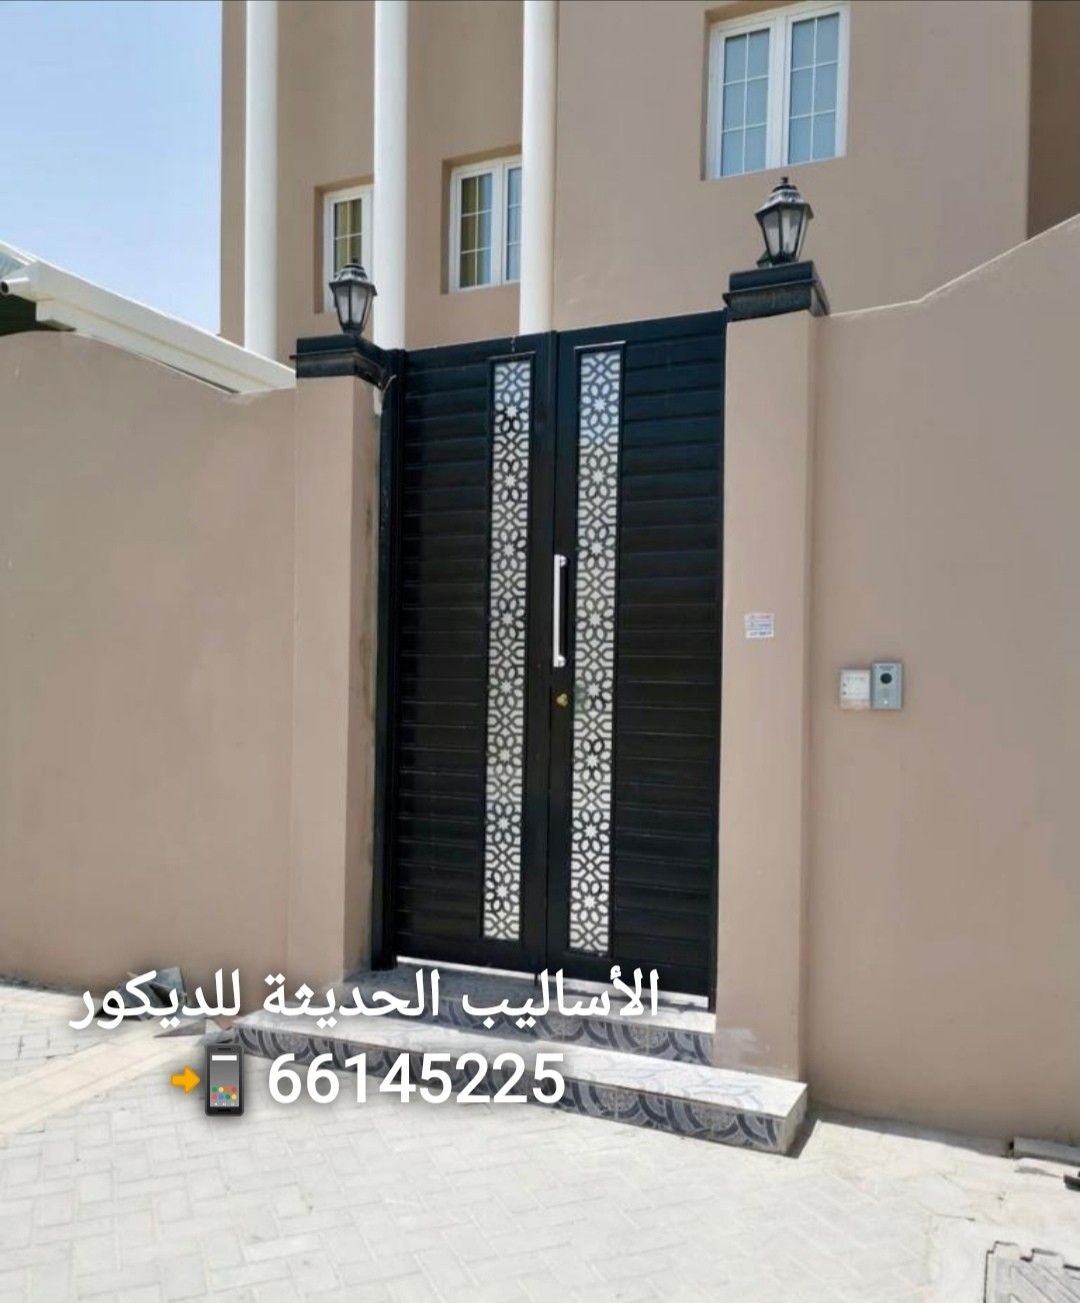 الاساليب الحديثة للديكور و الزجاج المعشق 66145225 Instagram Instagram Photo Qatar